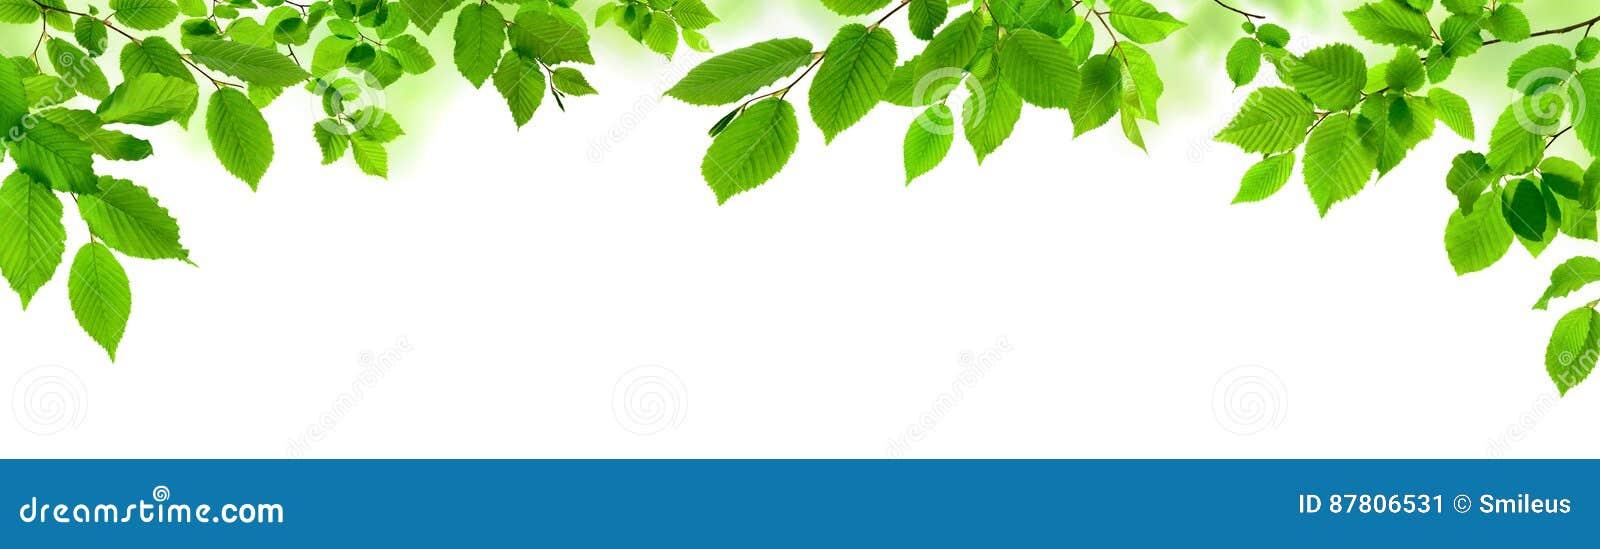 Foglie verdi su bianco come ampio confine